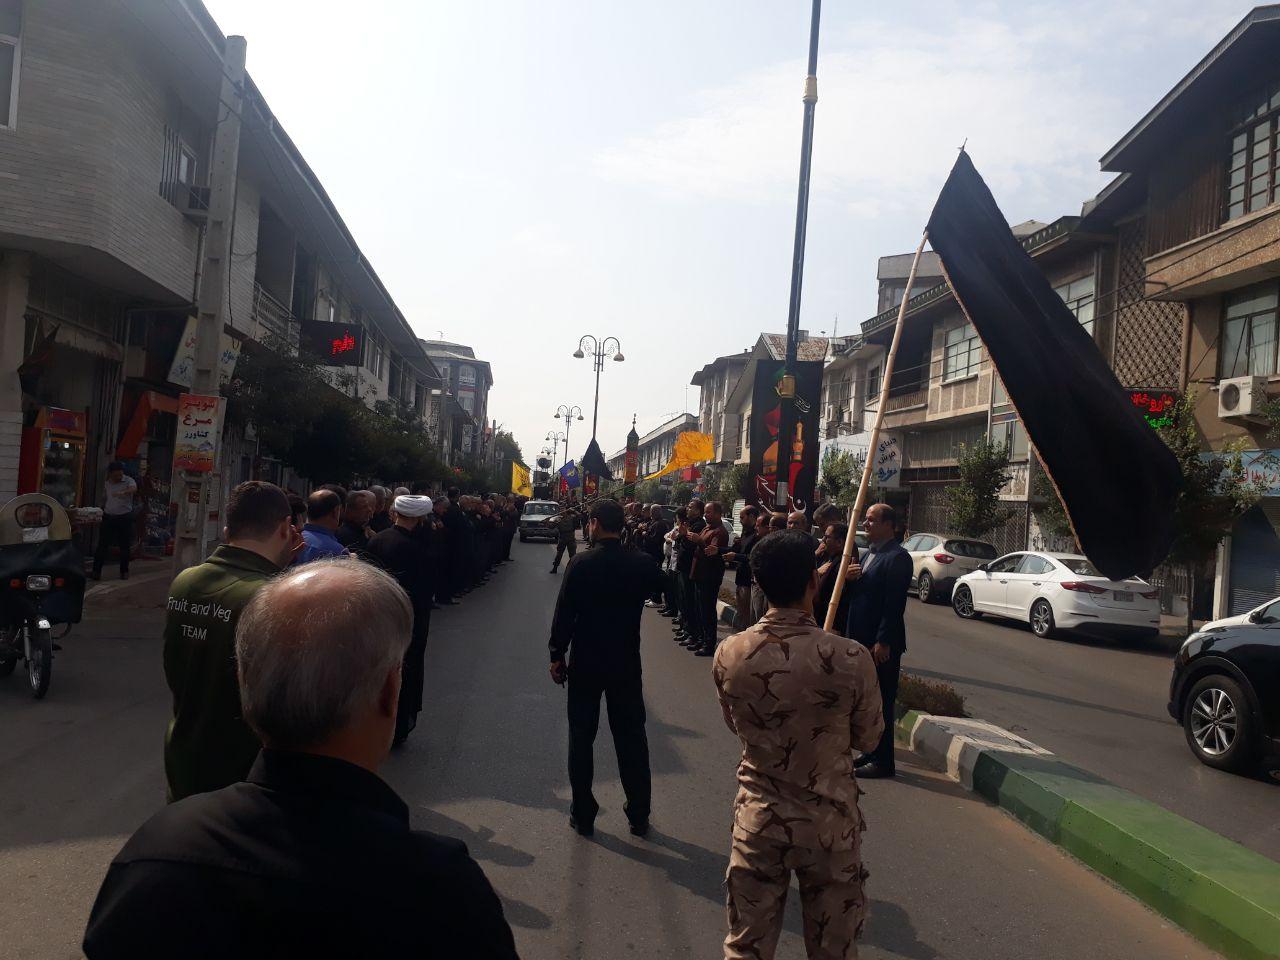 گزارش تصویری هیئت عزاداری ثارالله سپاه ناحیه #آستانه_اشرفیه